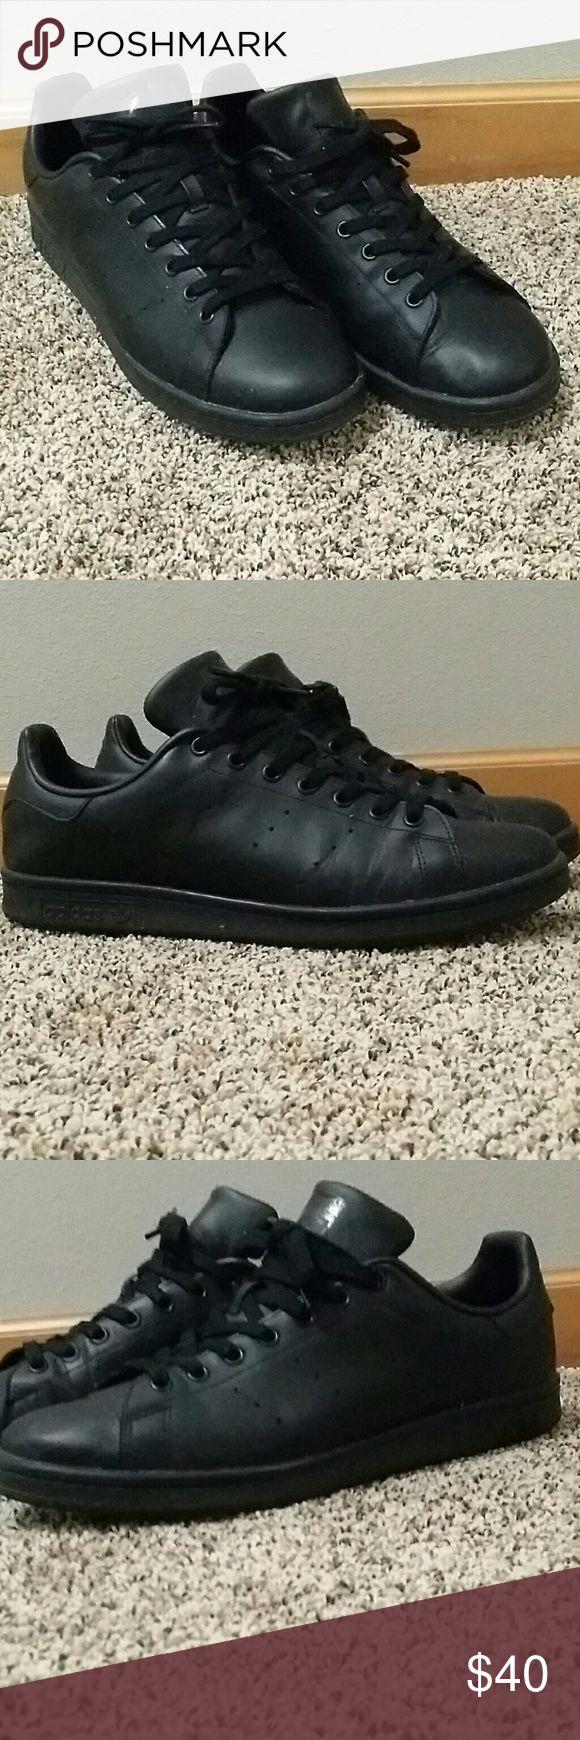 adidas stan smith 2 bianco nero di pelle rossa scarpe adidas gazzella